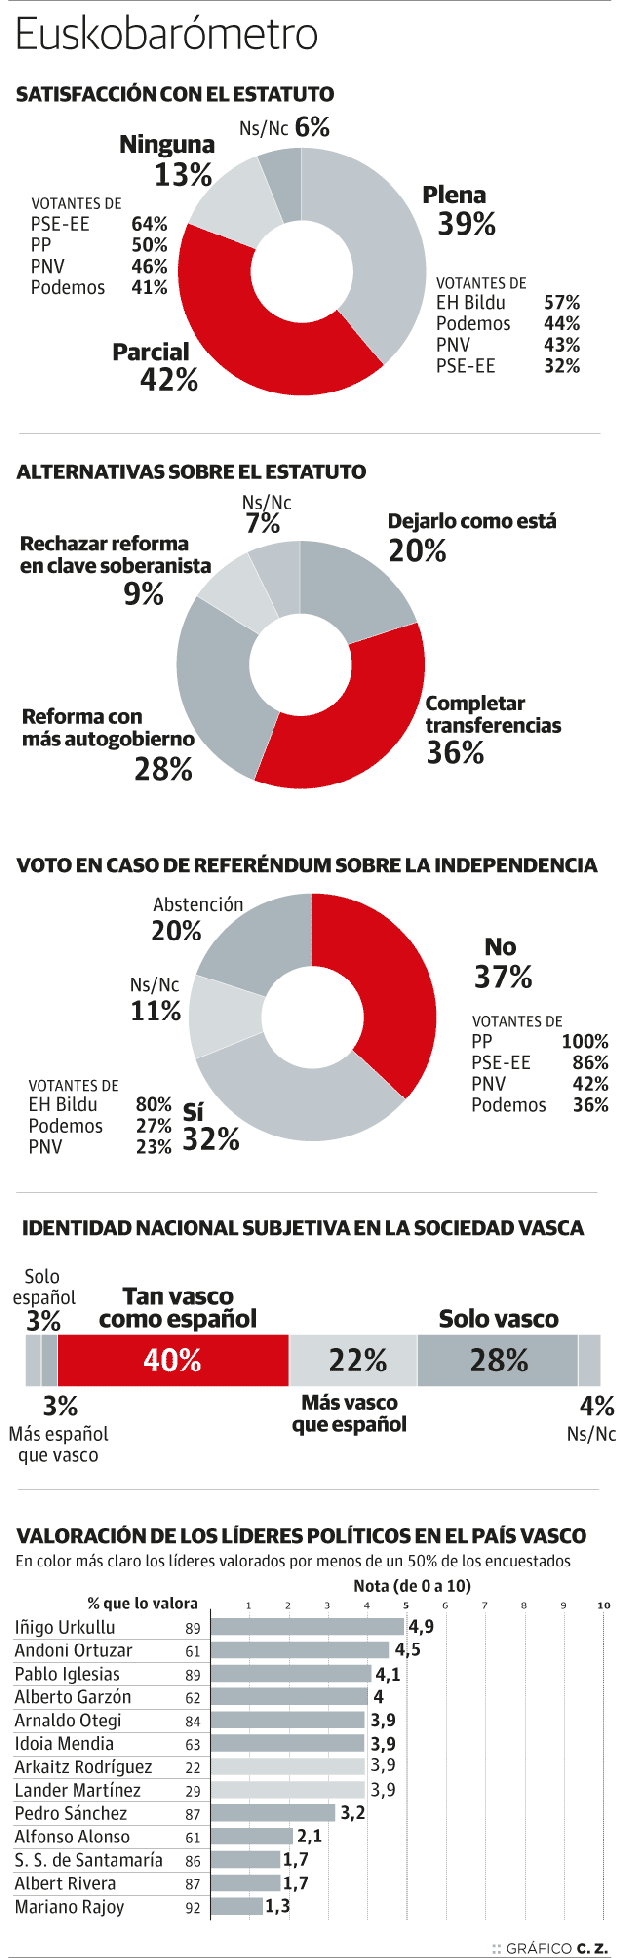 Euskobarómetro: el 'no' a la independencia ganaría al 'sí' por 5 puntos en un referéndum.